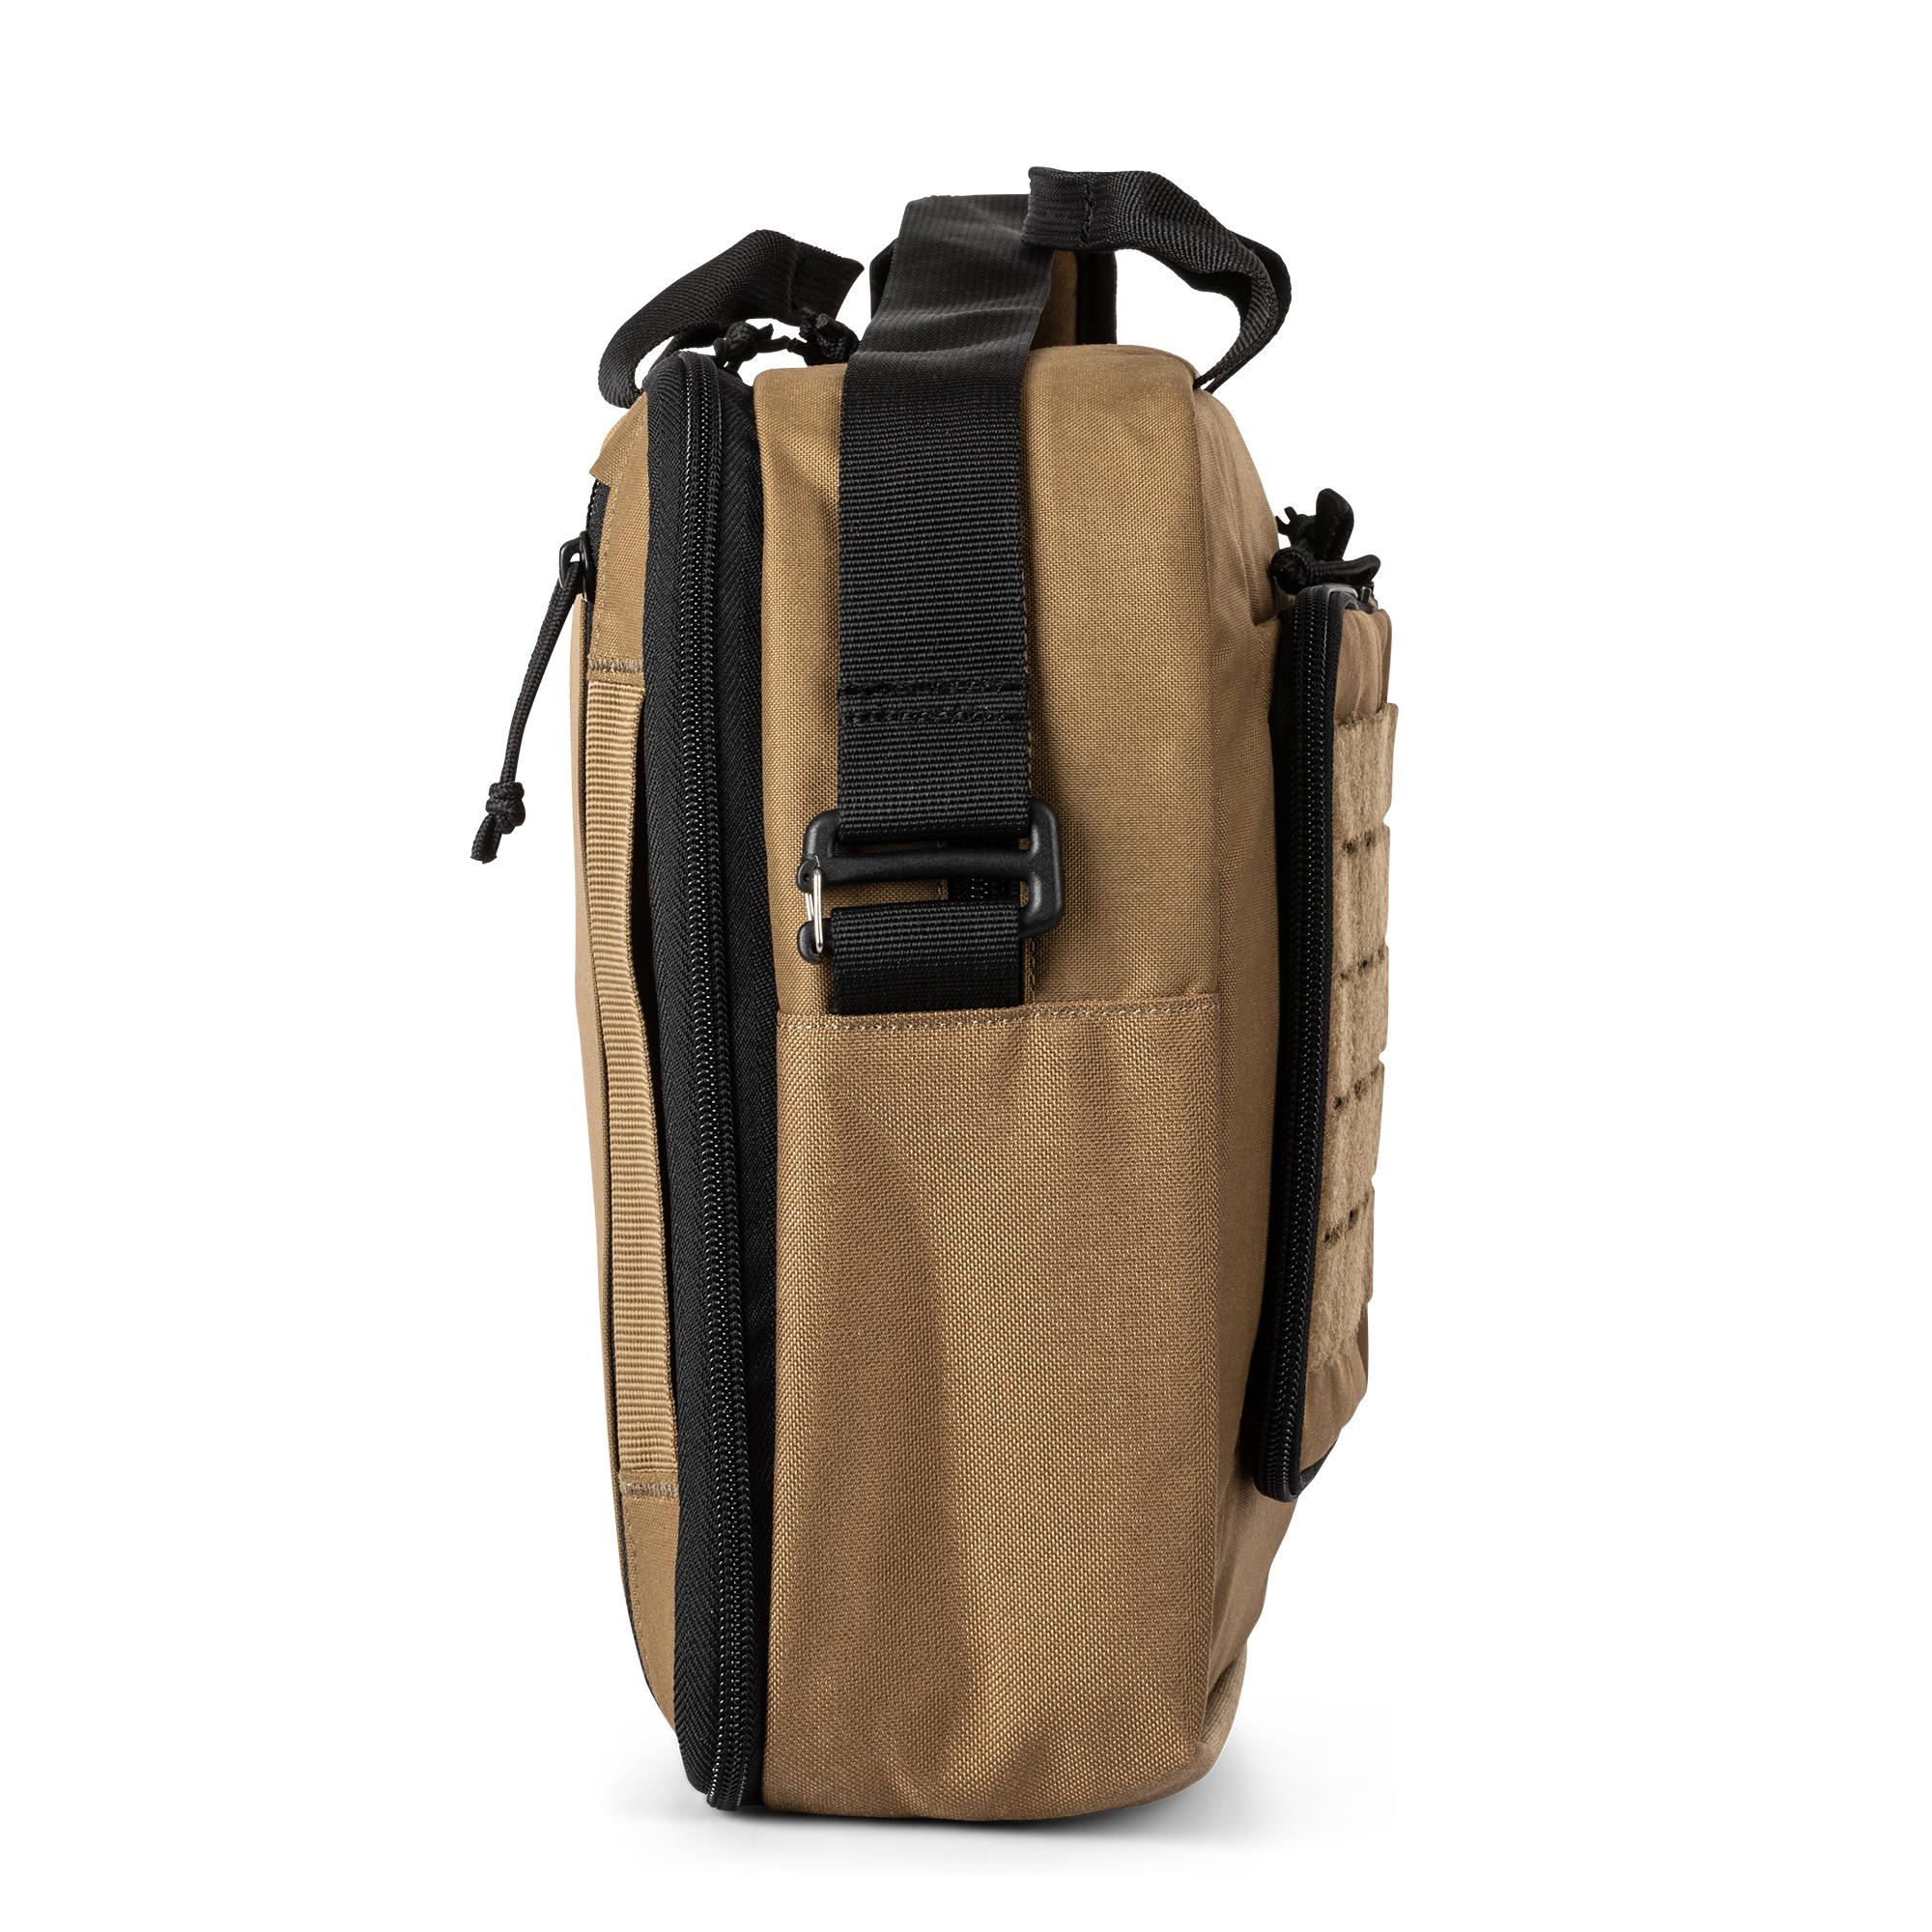 Độ mở rộng tối đa 14.6cm - Đây chính xác là chiếc túi dành cho dân văn phòng